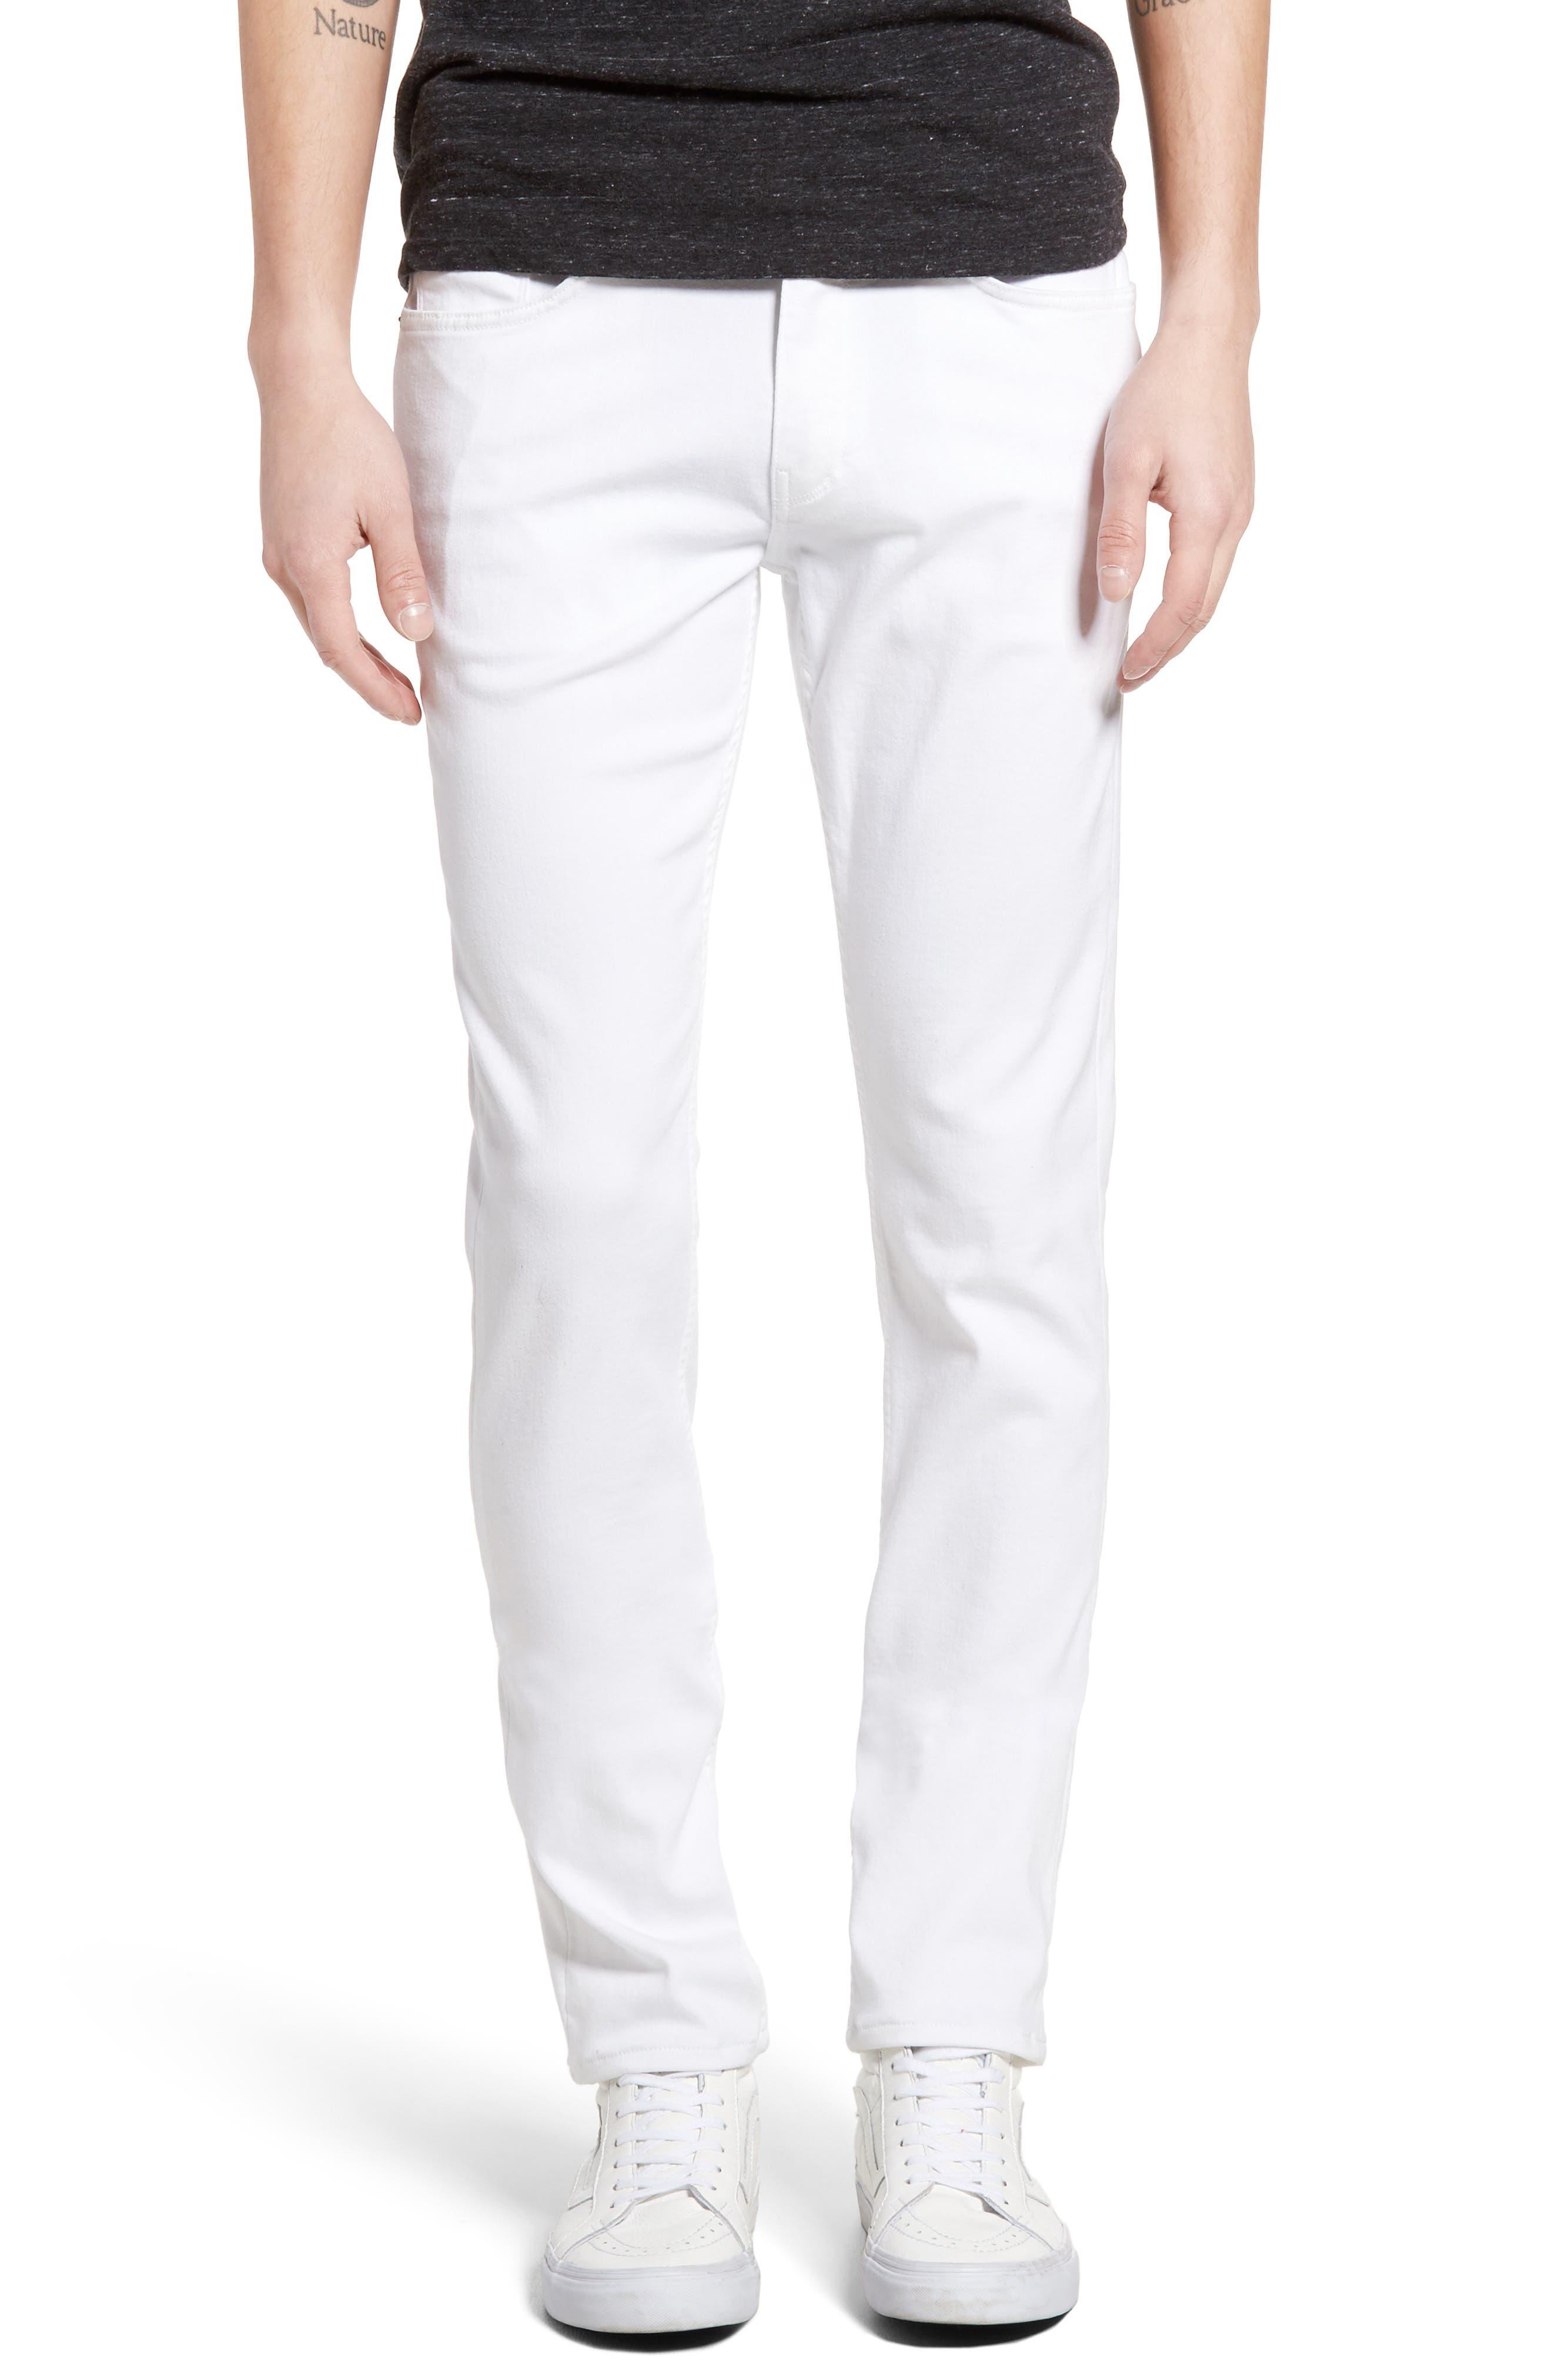 Main Image - PAIGE Transcend - Lennox Slim Fit Jeans (Icecap)